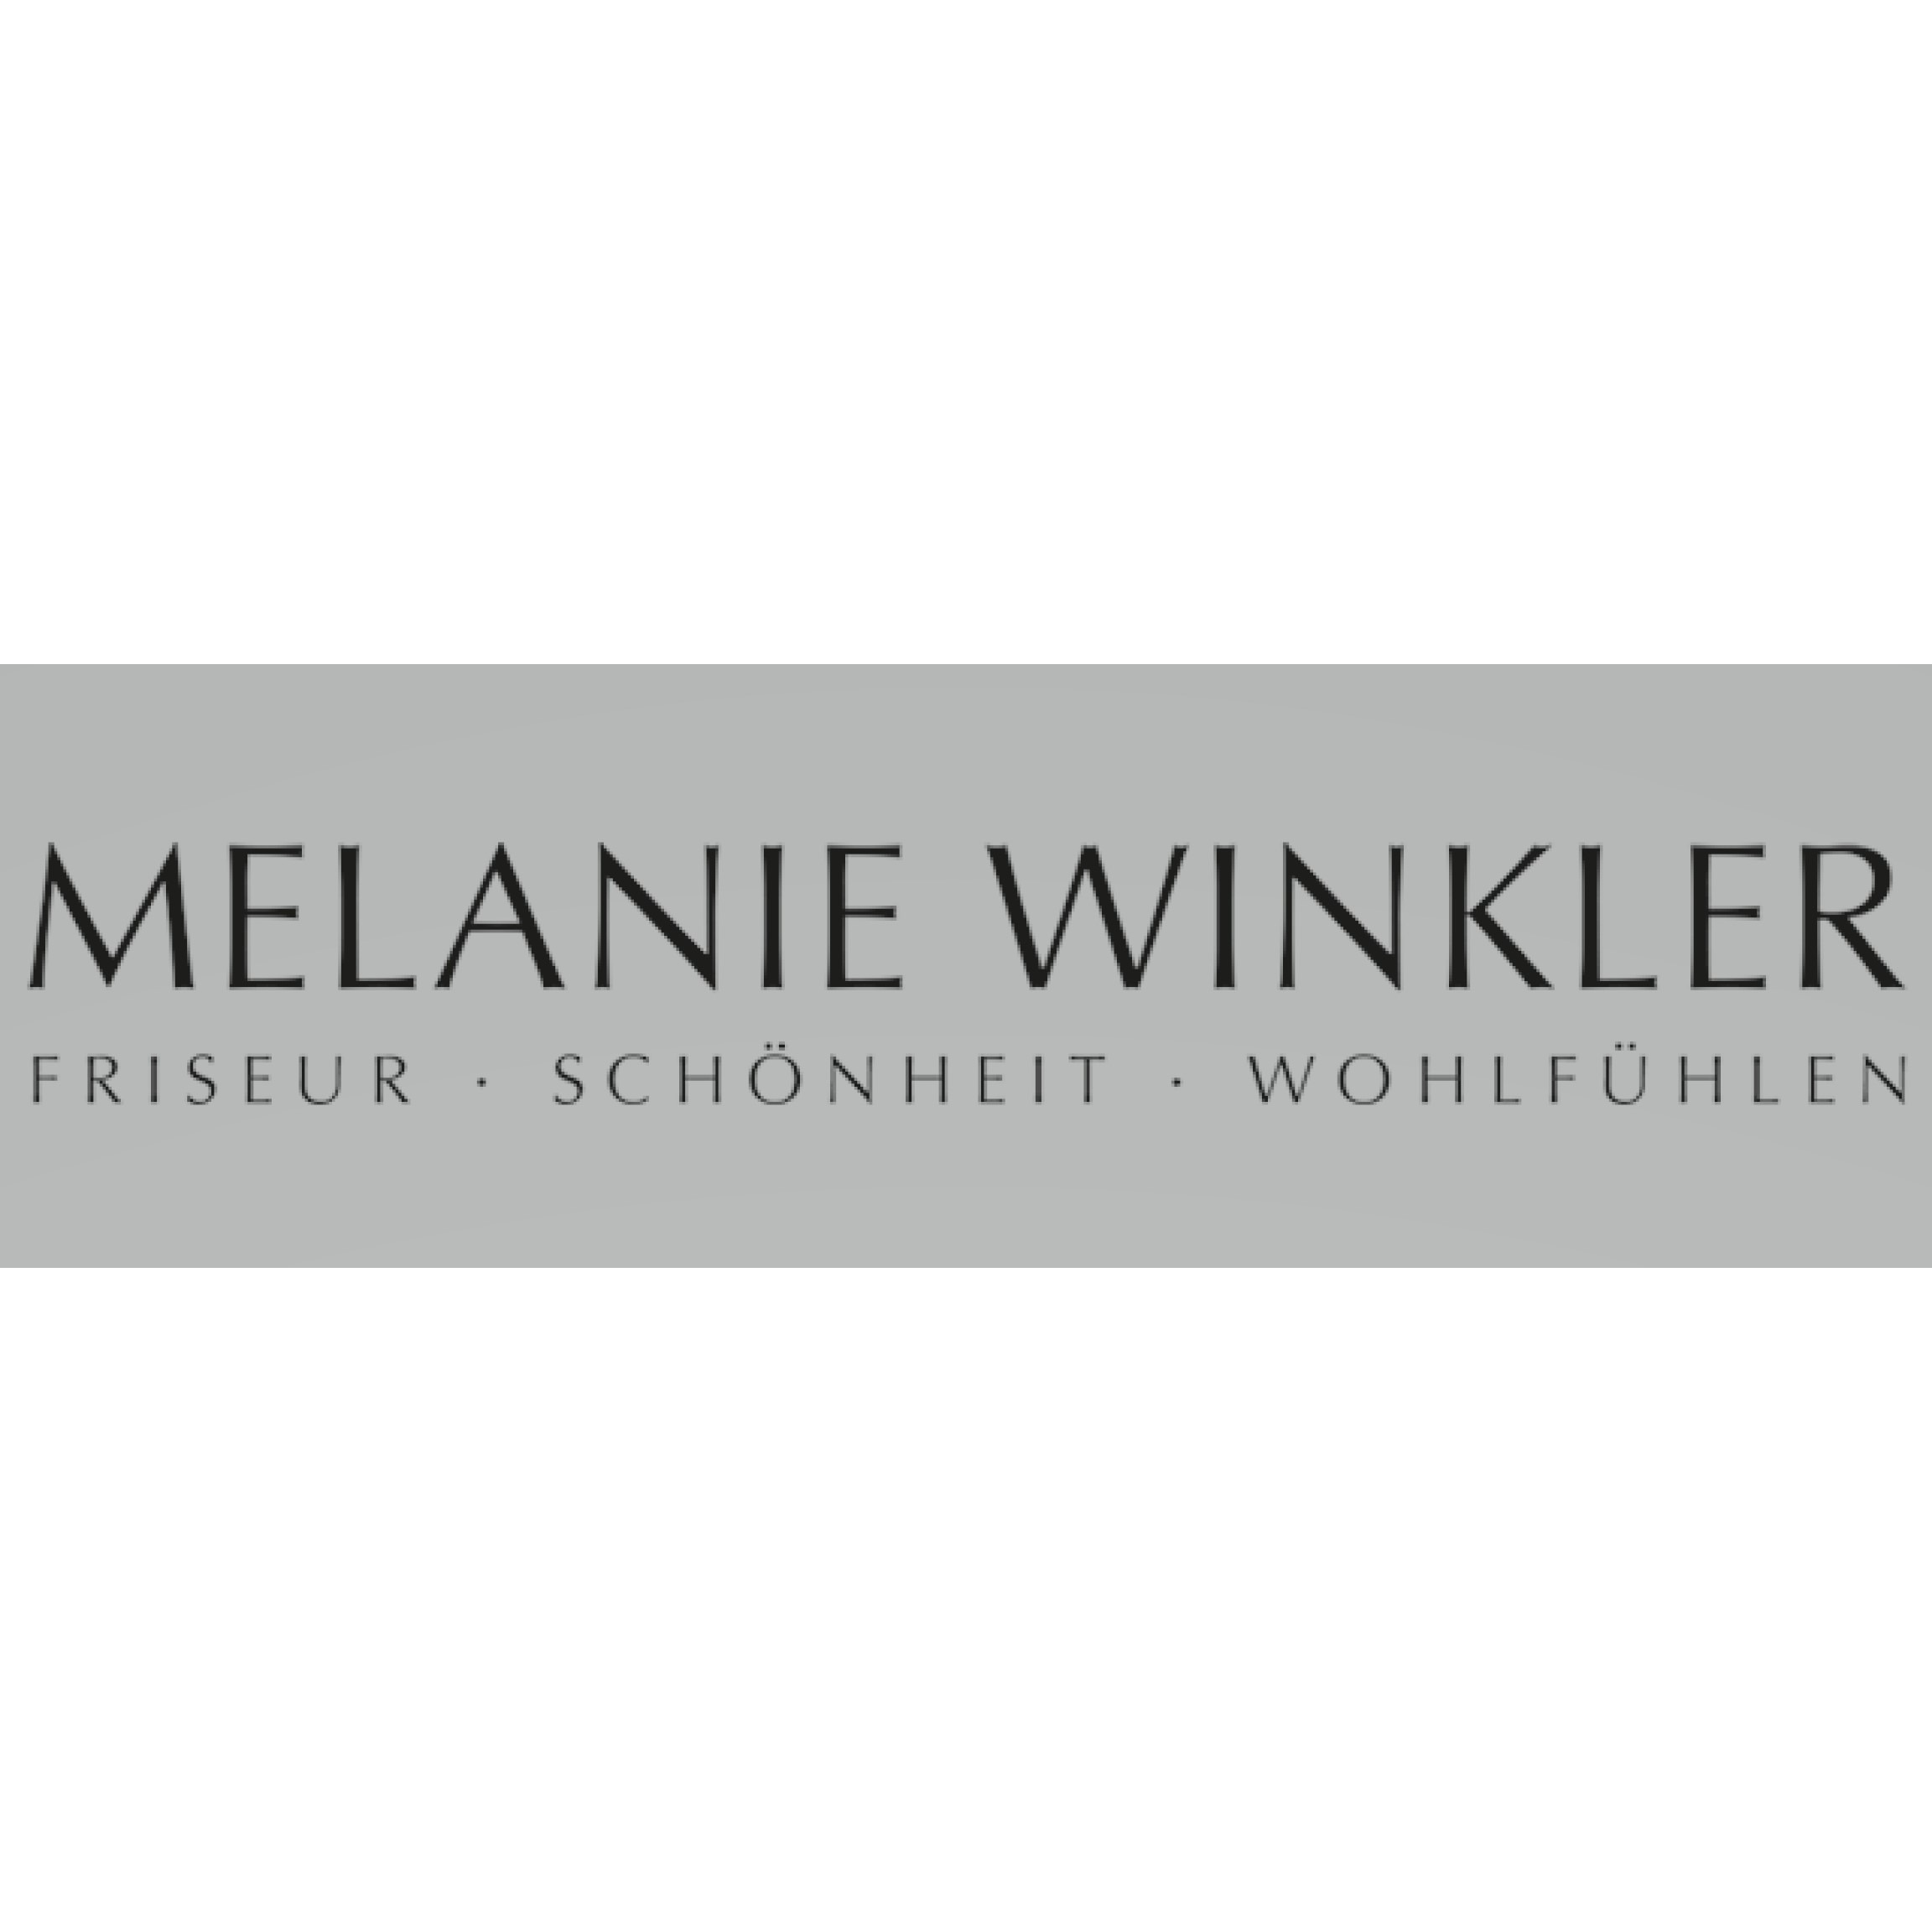 Melanie Winkler Friseur Schönheit Wohlfühlen